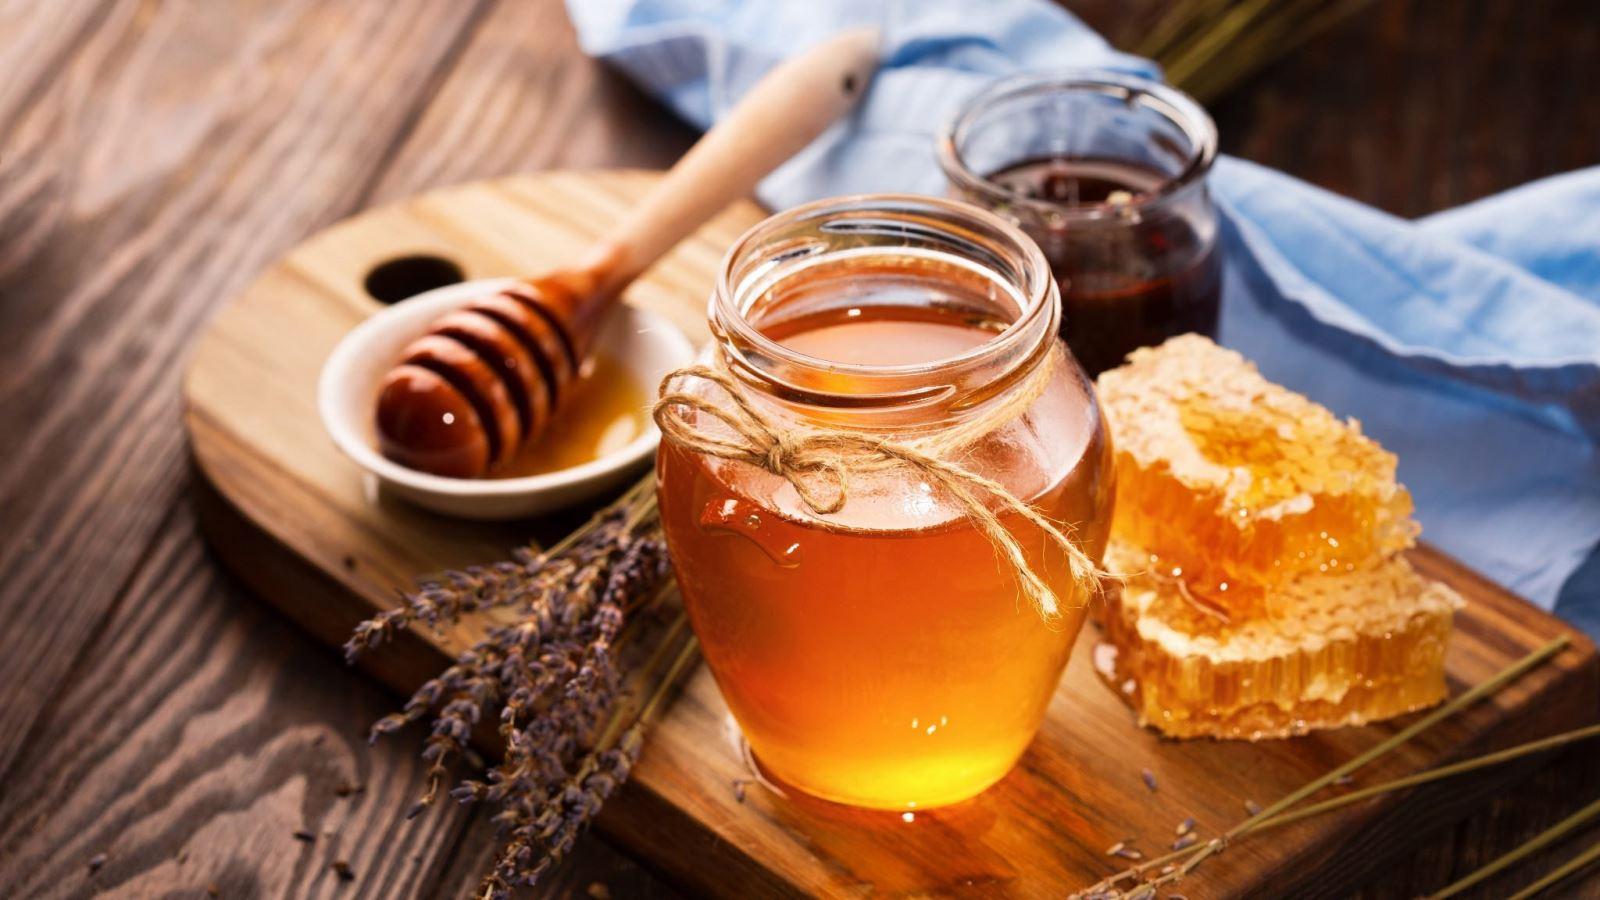 mật ong thực phẩm giúp làm đẹp da hiệu quả